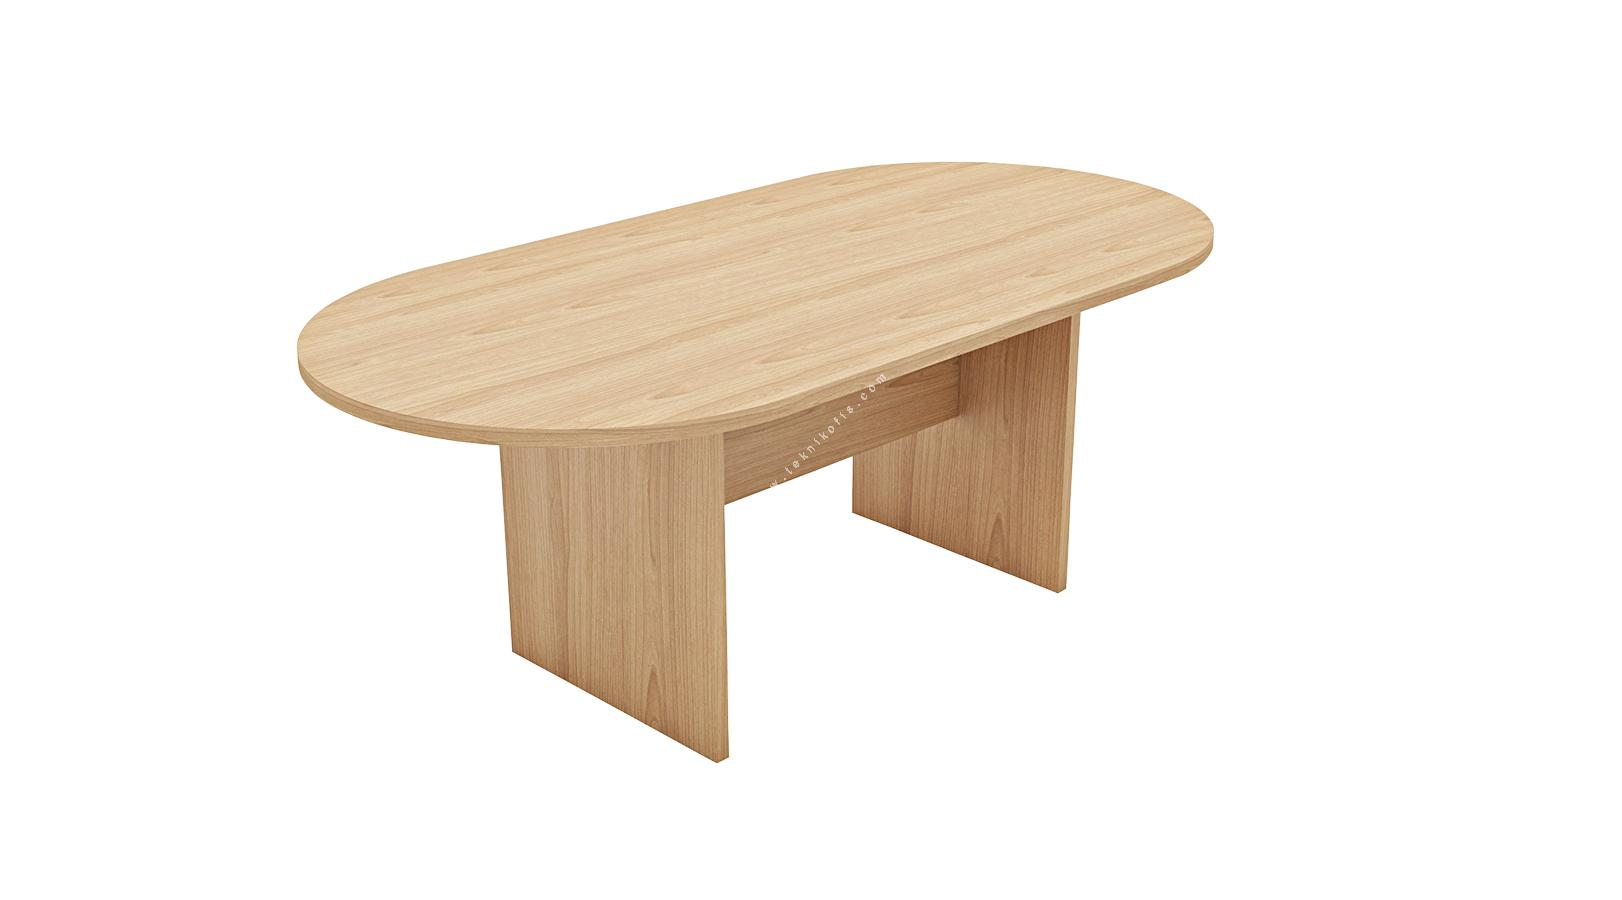 hegemon oval toplantı masası 280cm